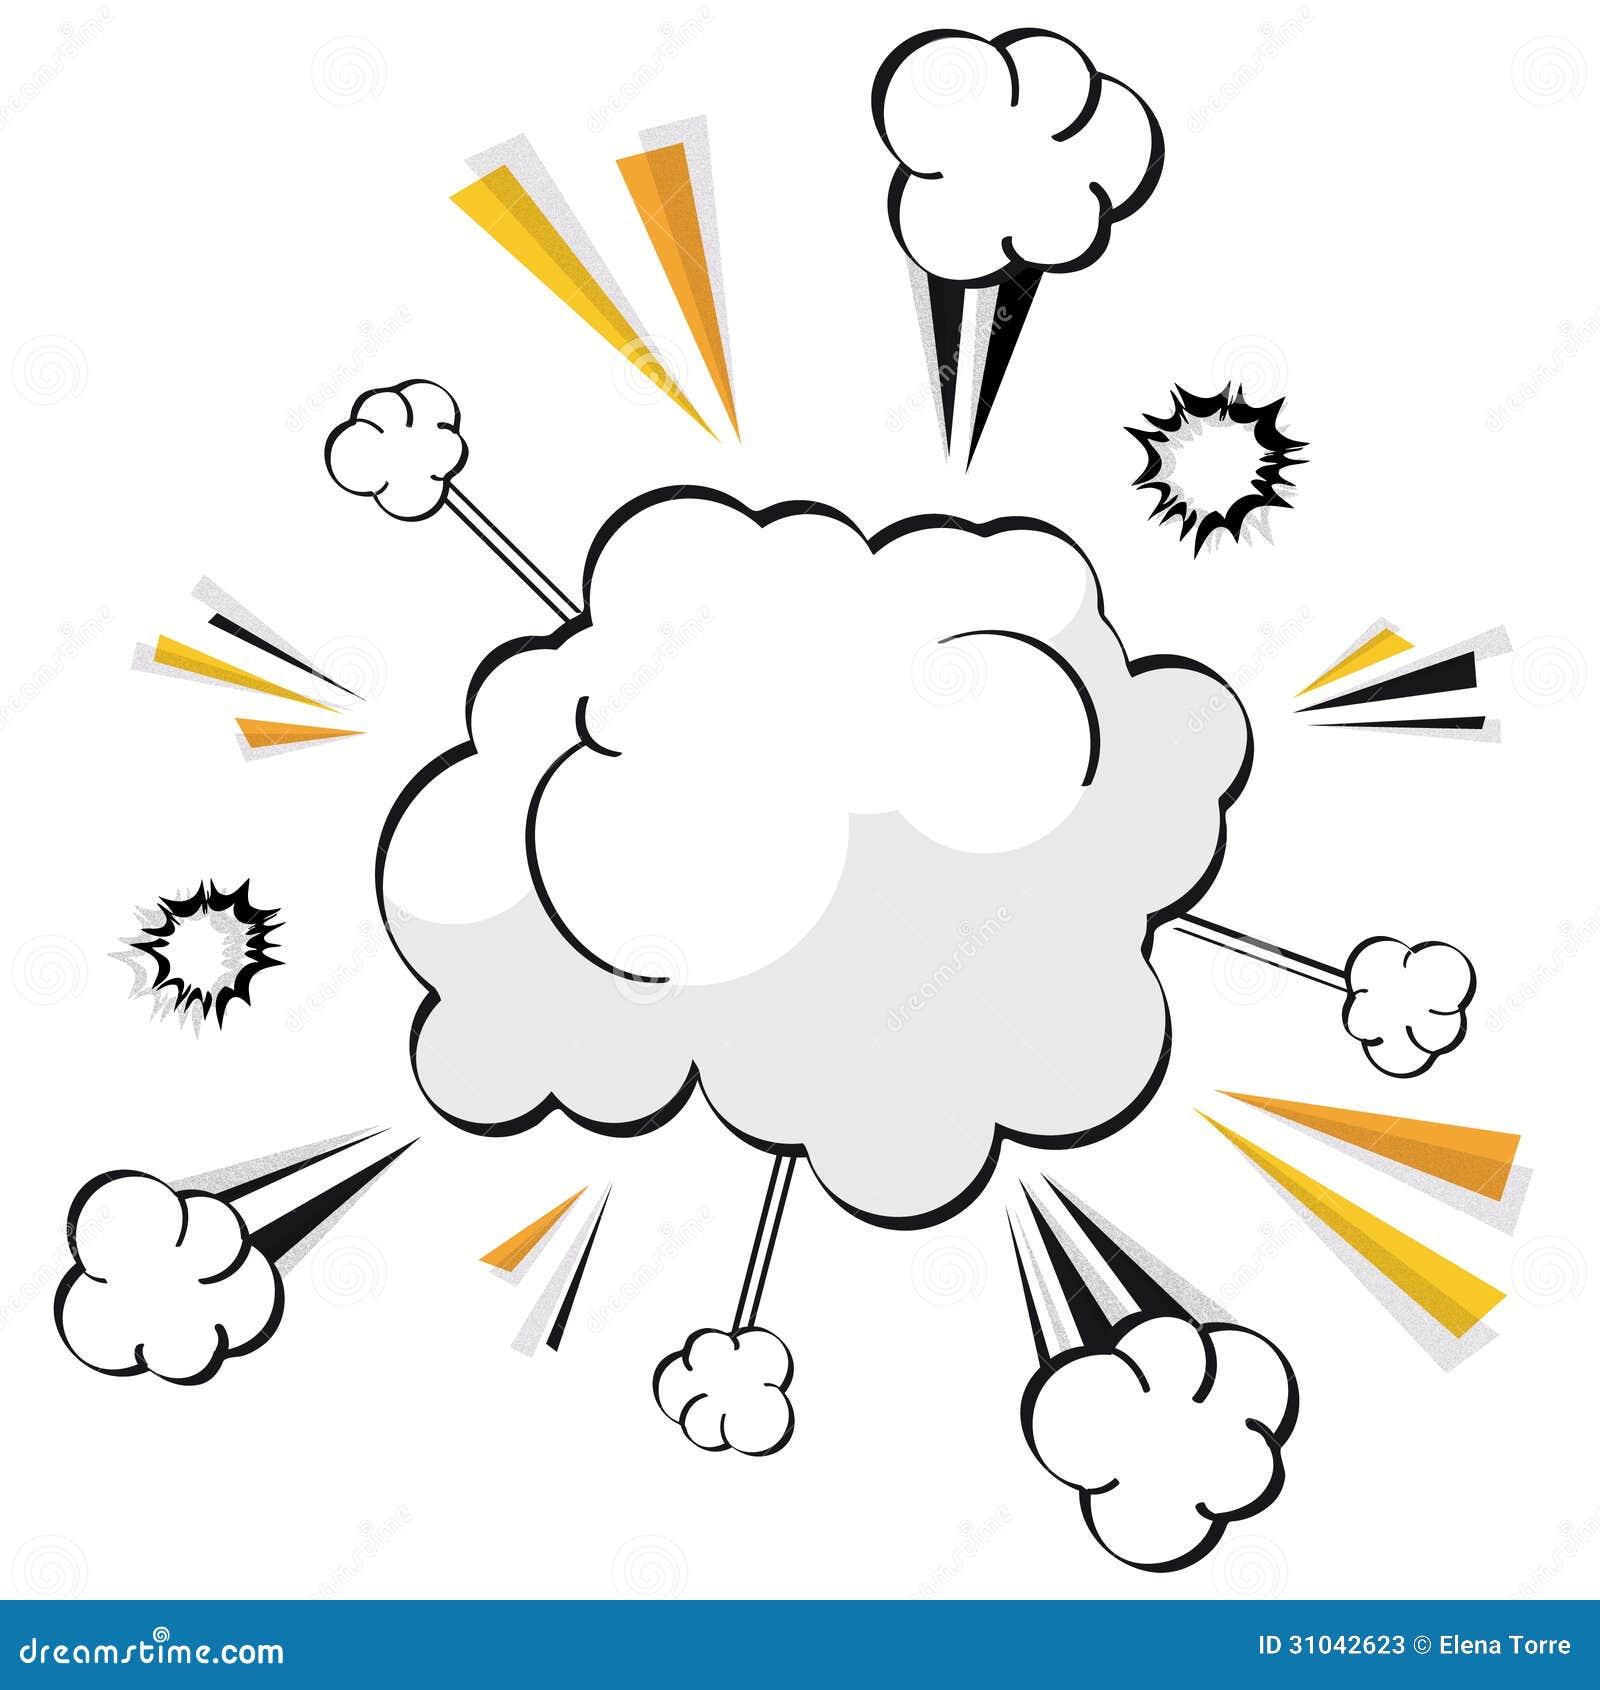 Cartoon Explosion Vector Stock Photos - Image: 31042623